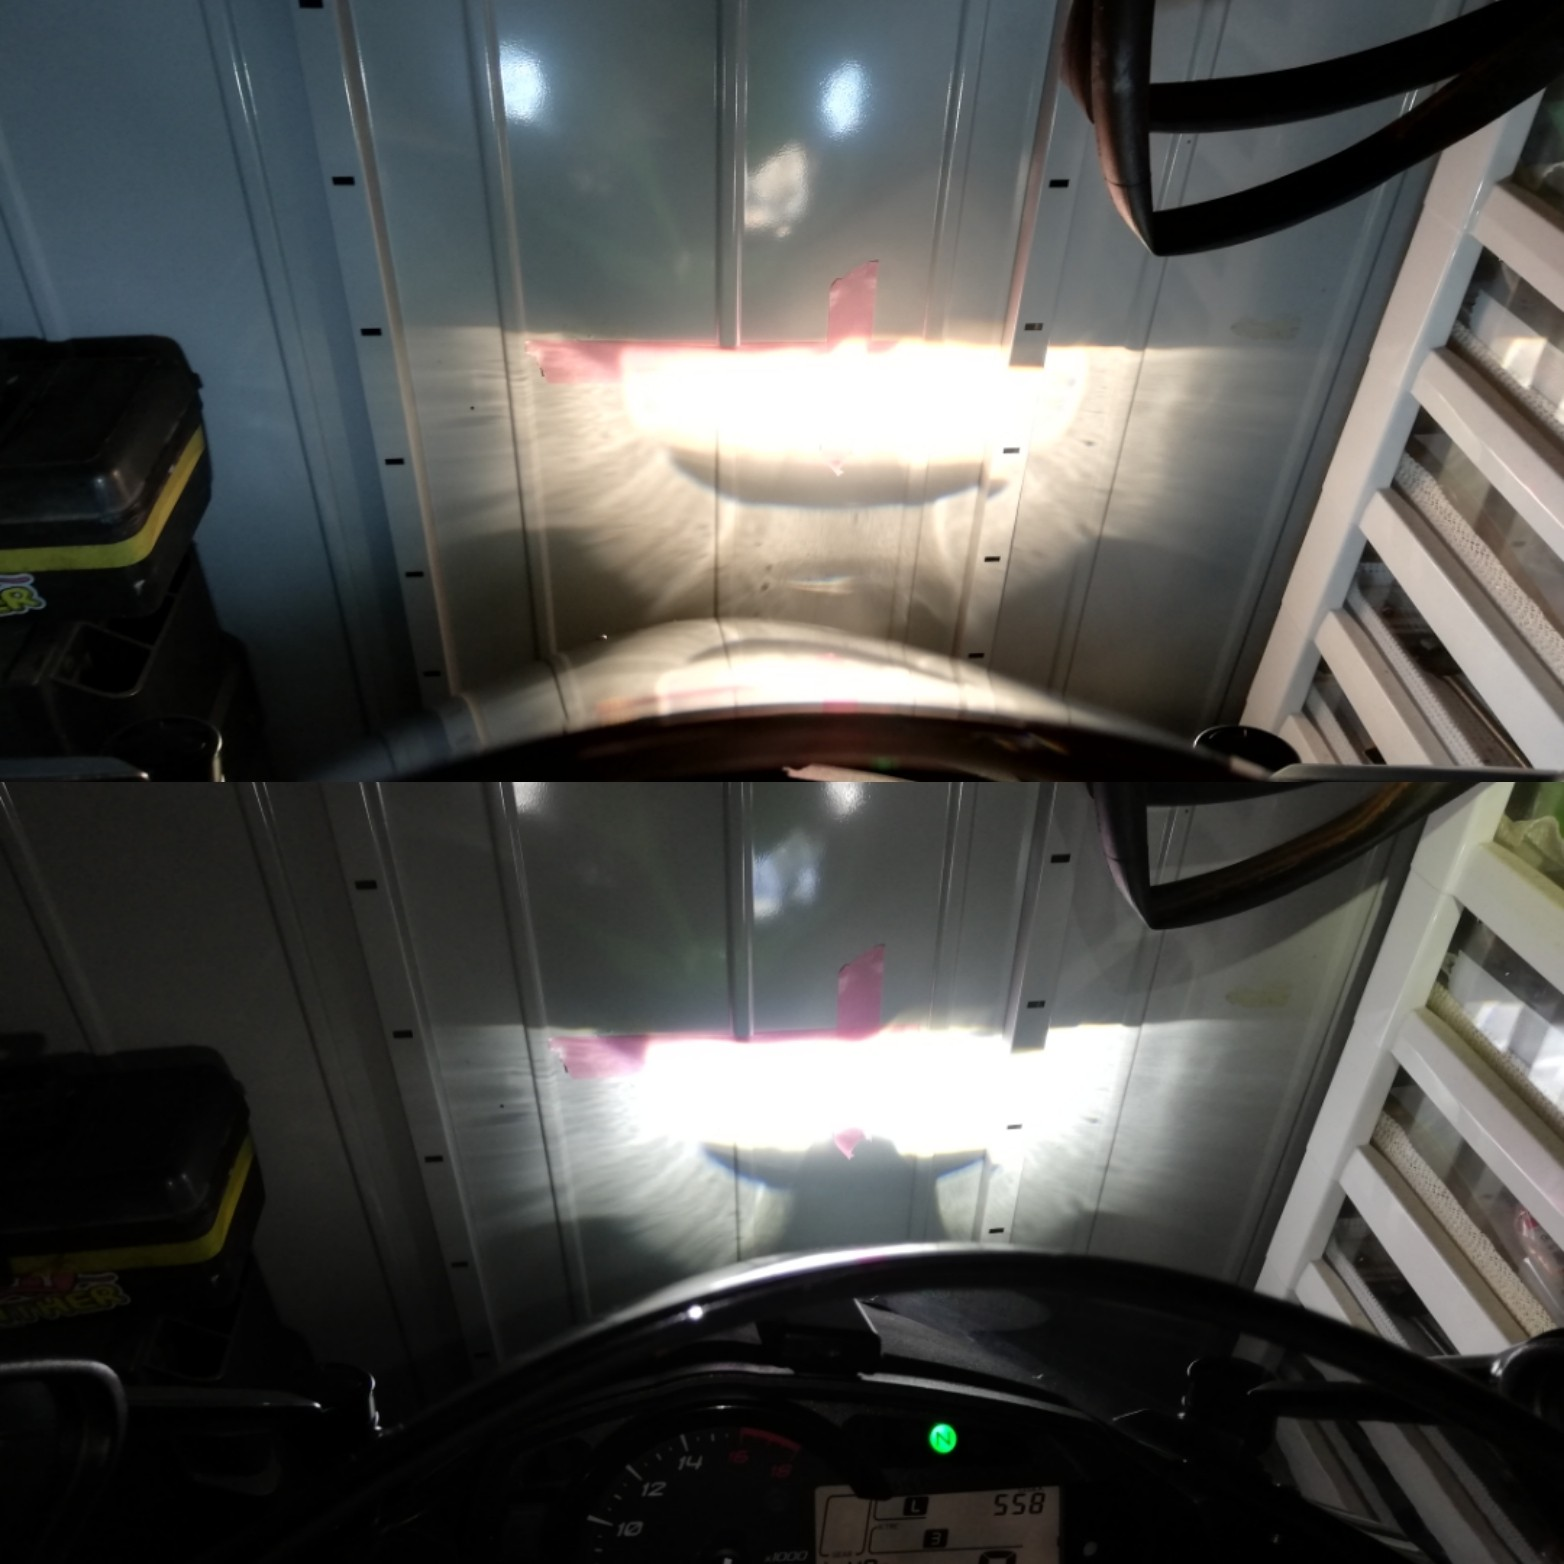 上 装着前 純正ライト <br /> ラインに合わせてマスキングテープ貼りました。<br /> 下 クロライトLED 装着後<br /> マスキングテープのラインピッタリです。<br /> すごすぎるー!!!<br /> 近いからかな?